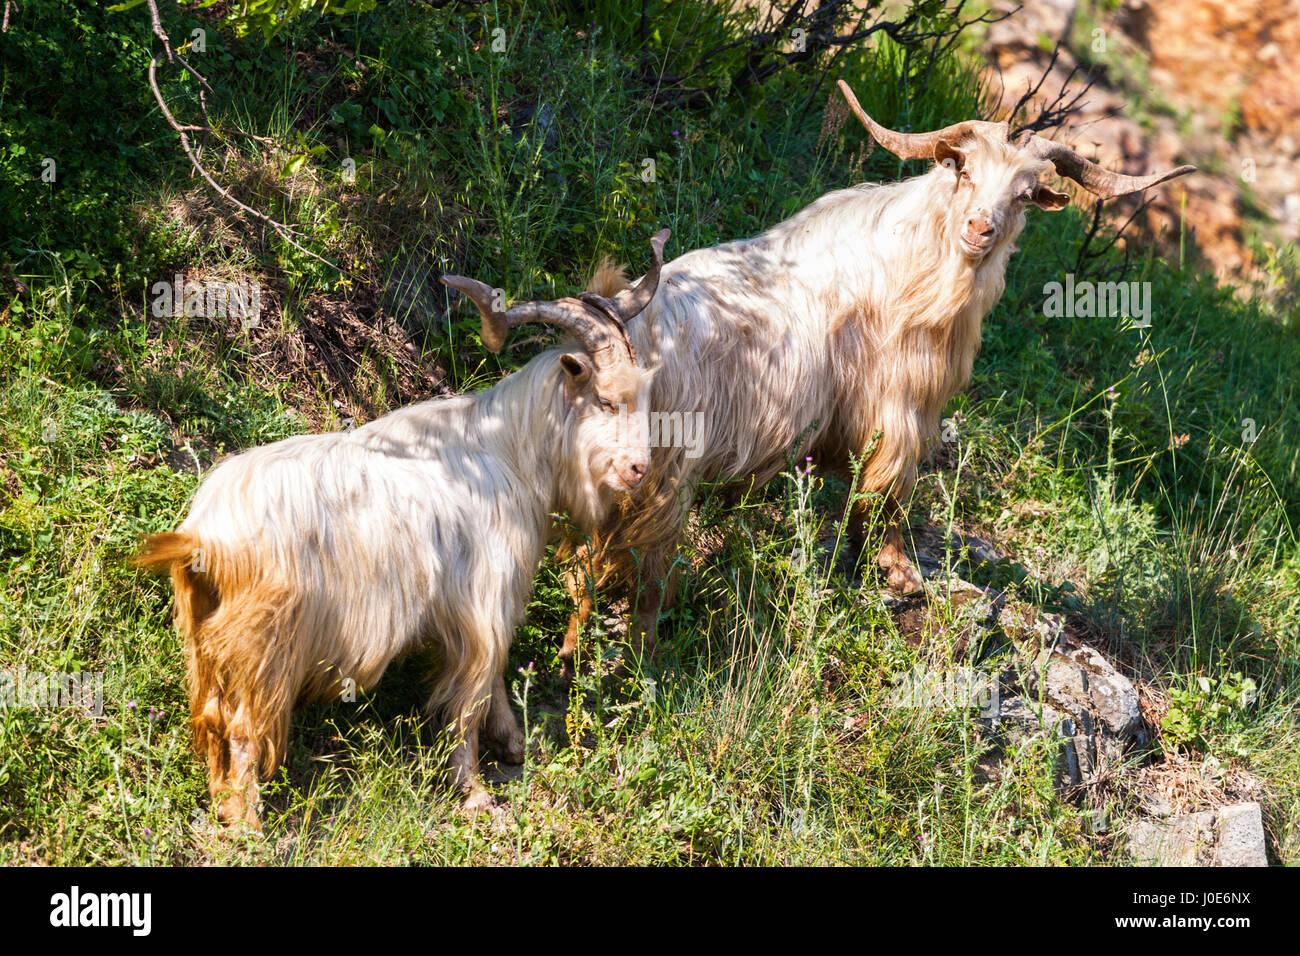 Klettergerüst Ziegen : Kletternde ziegen stockfotos & bilder alamy